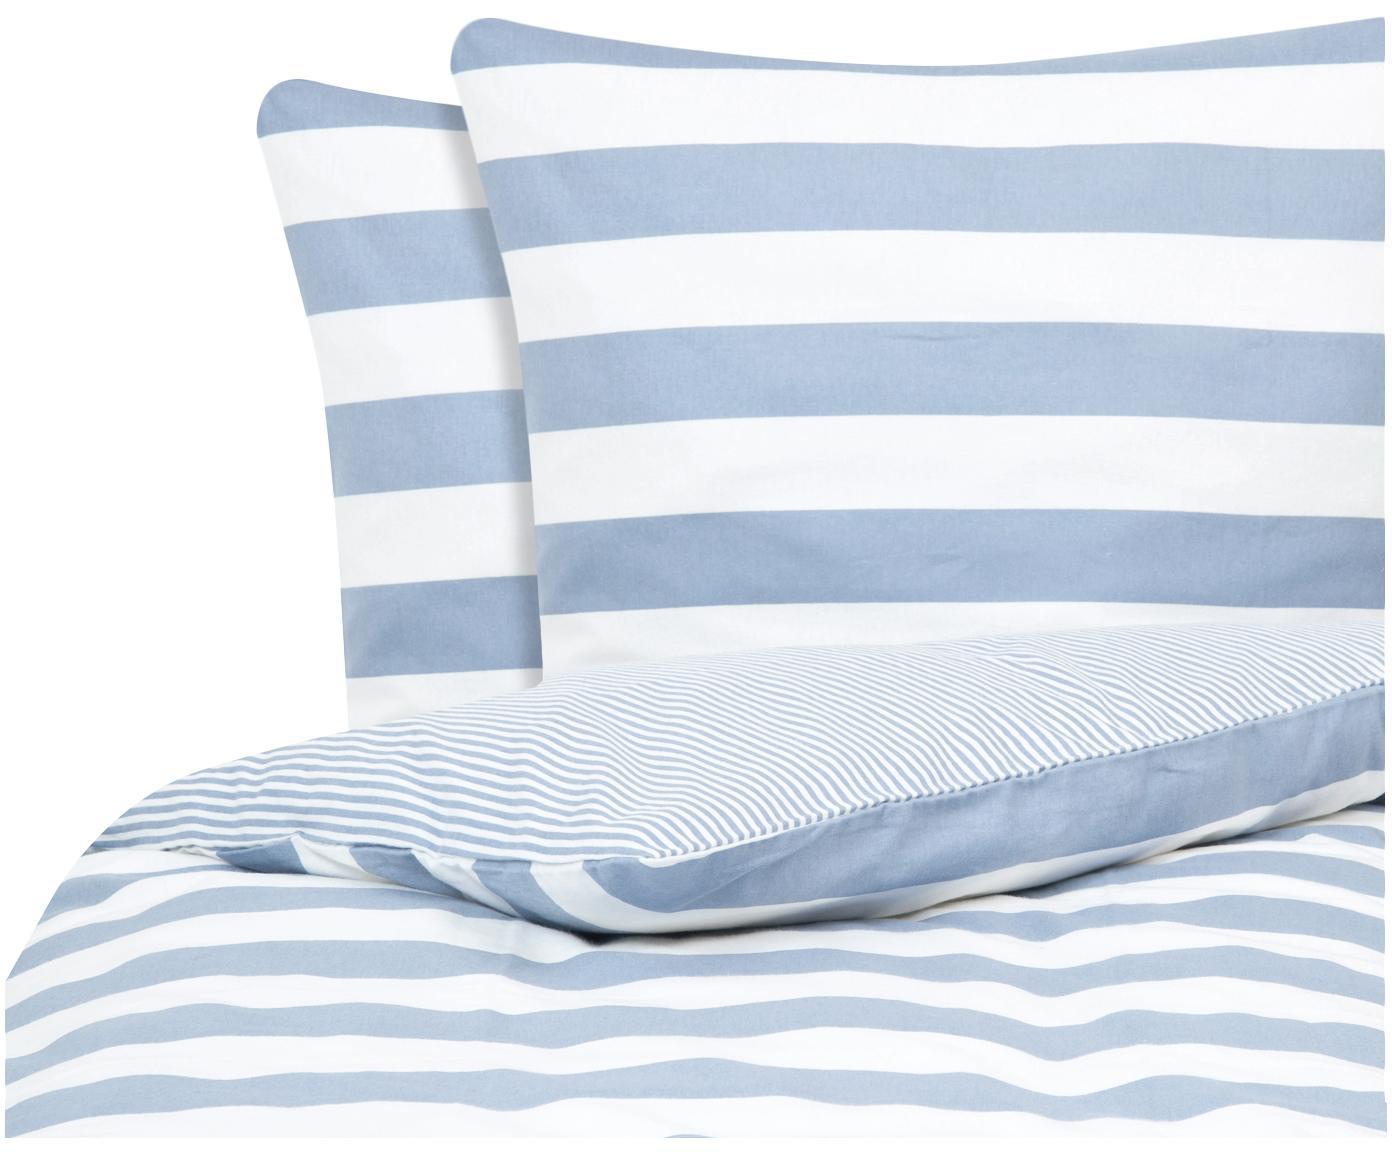 Flanell-Wendebettwäsche Dora, gestreift, Webart: Flanell Flanell ist ein s, Weiß, Hellblau, 240 x 220 cm + 2 Kissen 80 x 80 cm